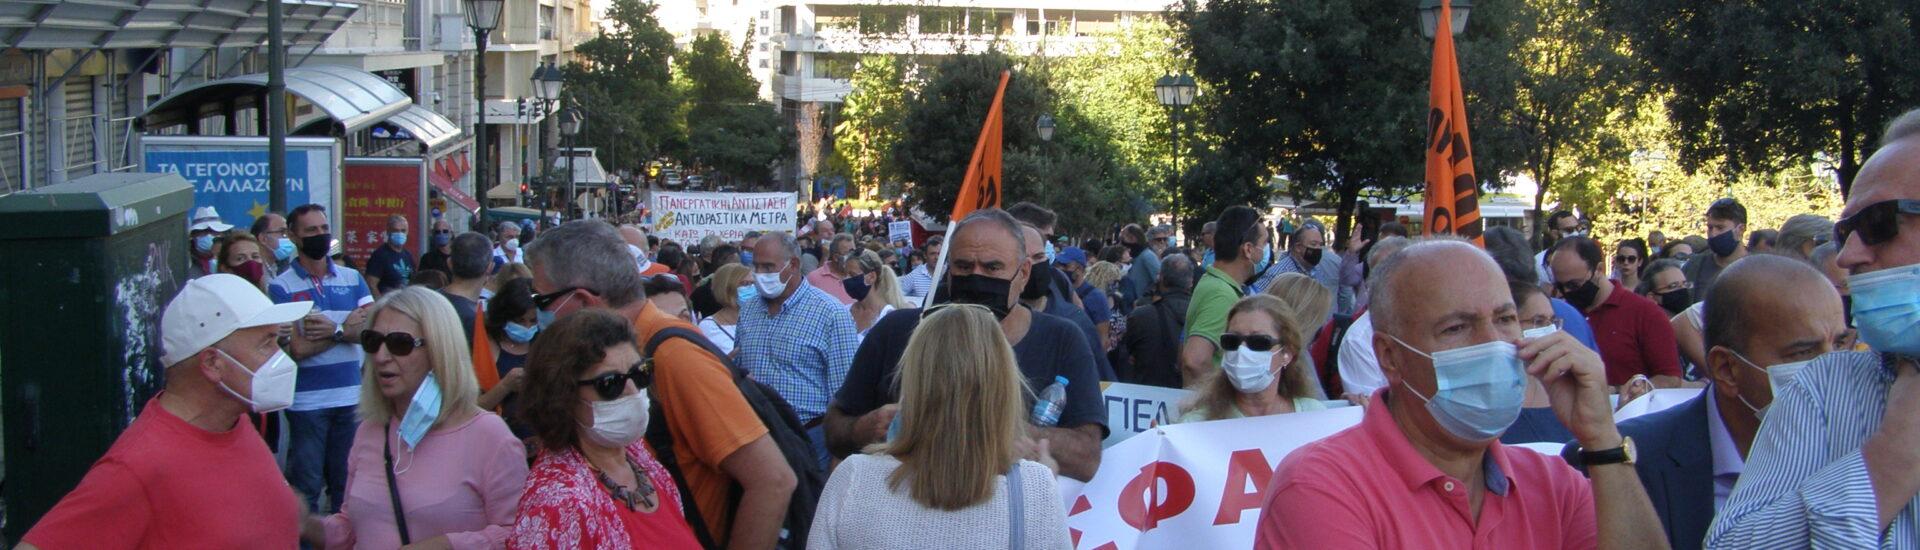 Διαδήλωση απεργών και νεολαίας στην Αθήνα